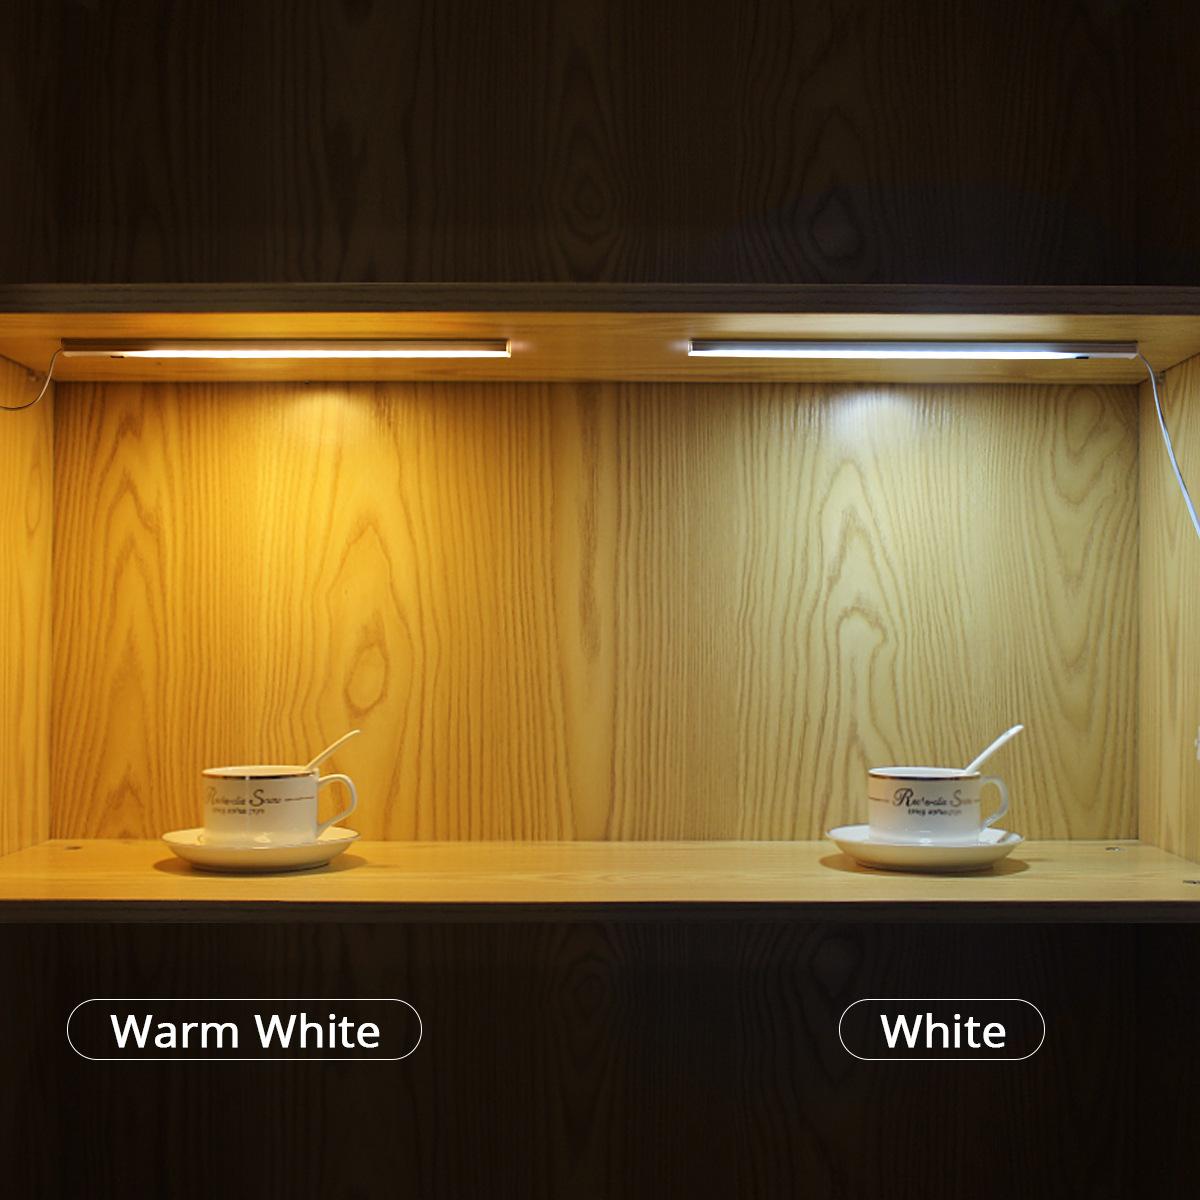 Đèn LED cảm biến vẫy tay 12v dài 30cm trang trí tủ kệ cao cấp DL-TBV-01